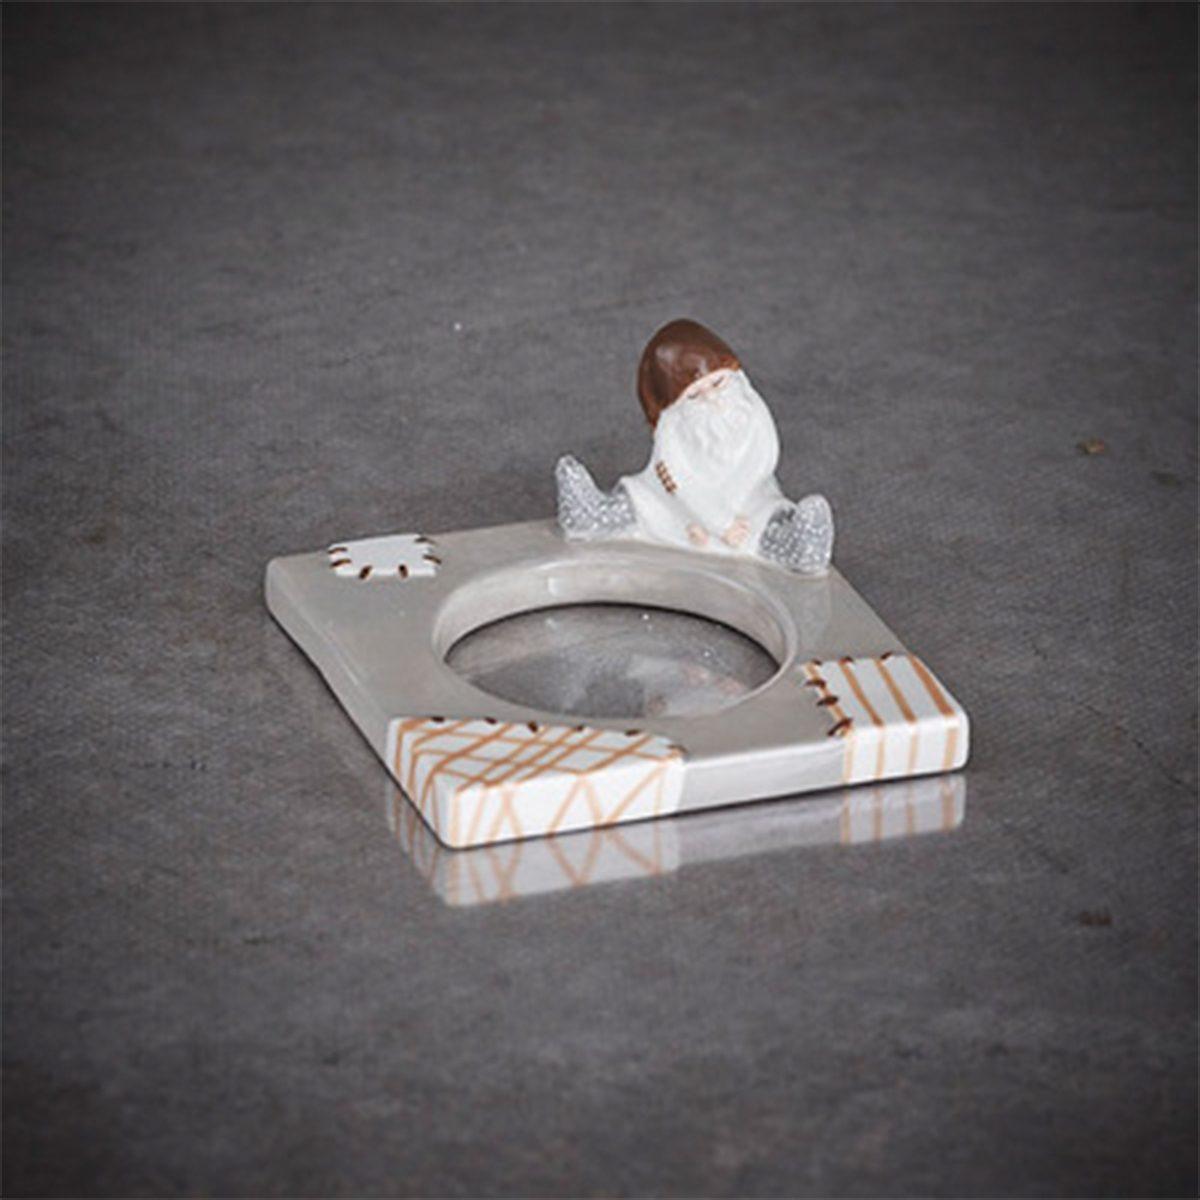 CULTDESIGN Cult Design Change Raggis - Teelichtmanschett Roger grau braun